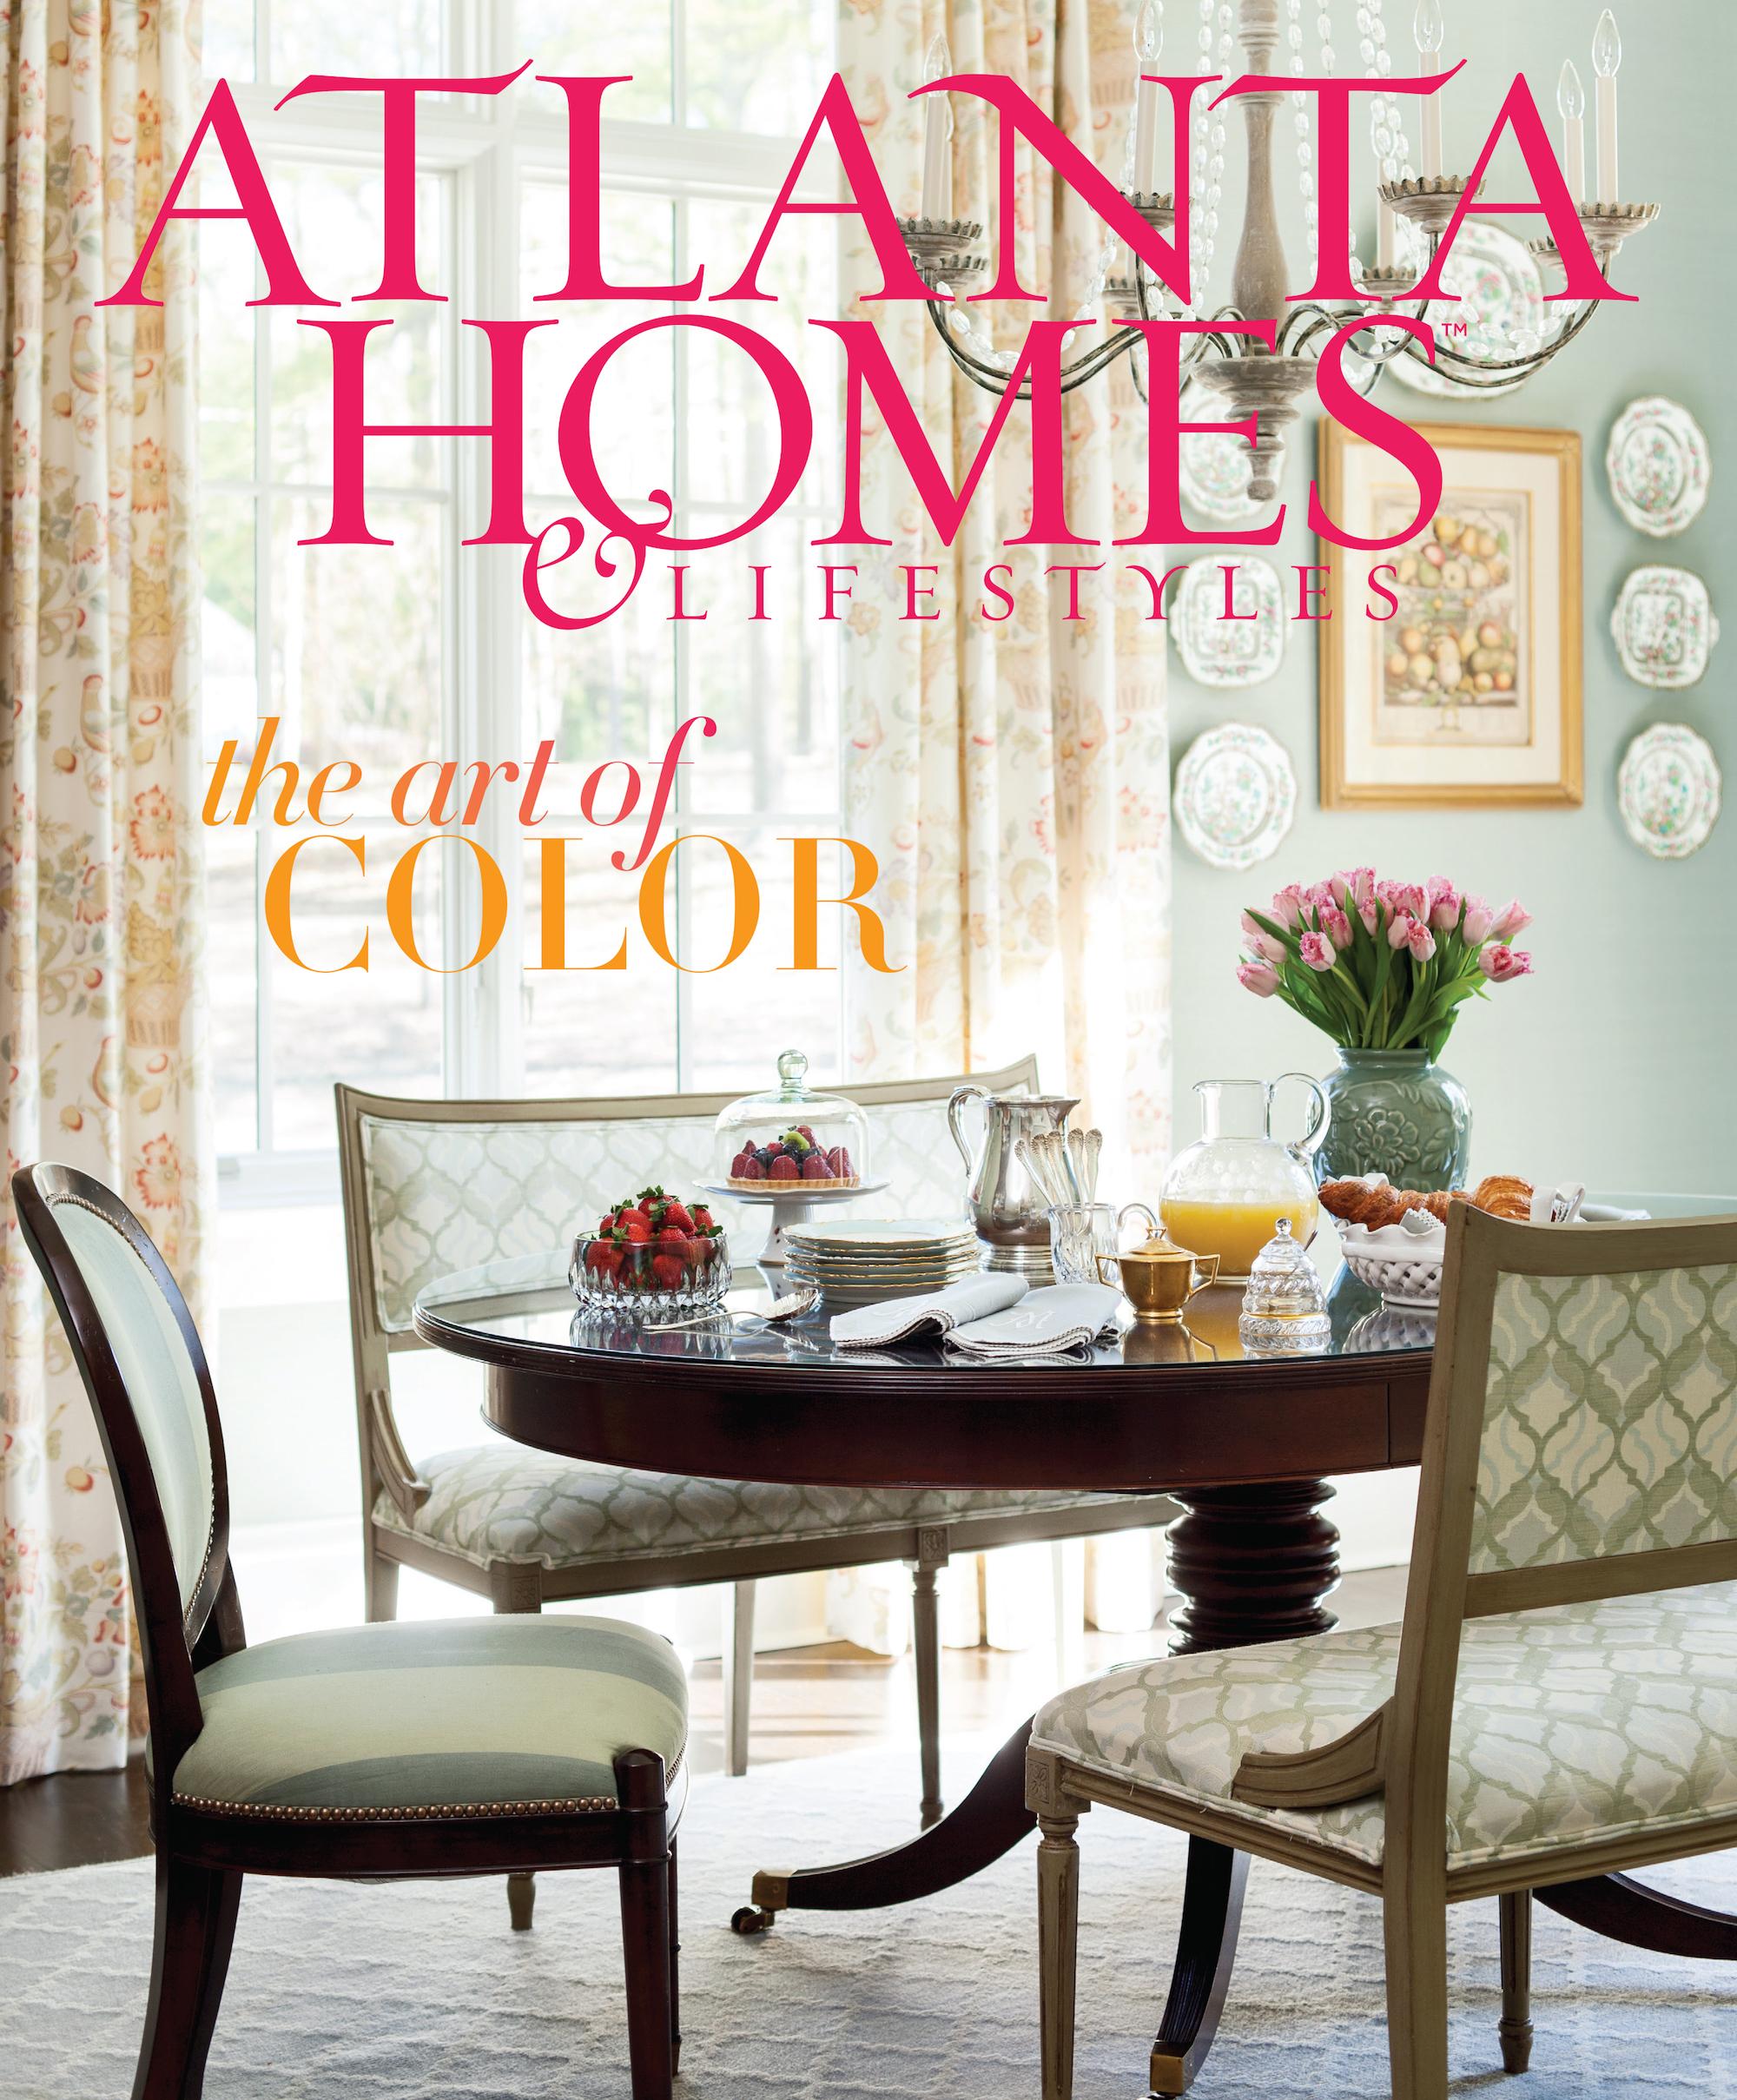 Atlanta Home_June 2016 cover.jpg